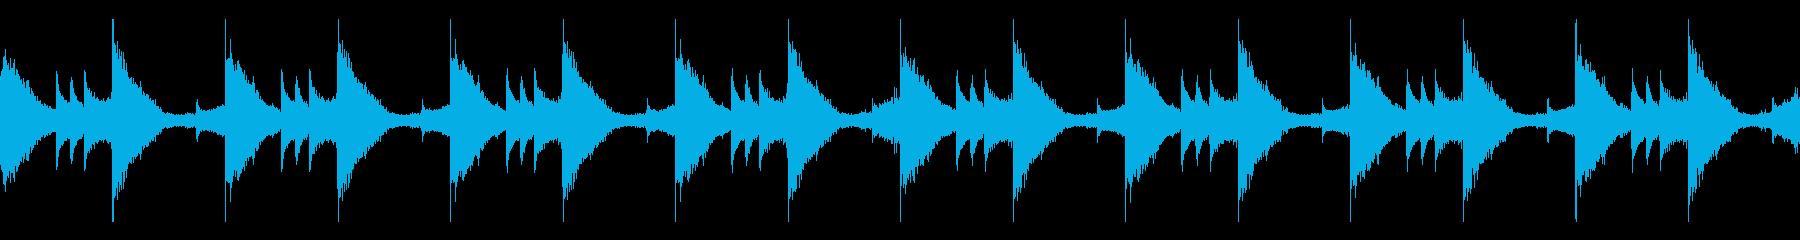 悲しい、不穏な雰囲気のループ曲の再生済みの波形